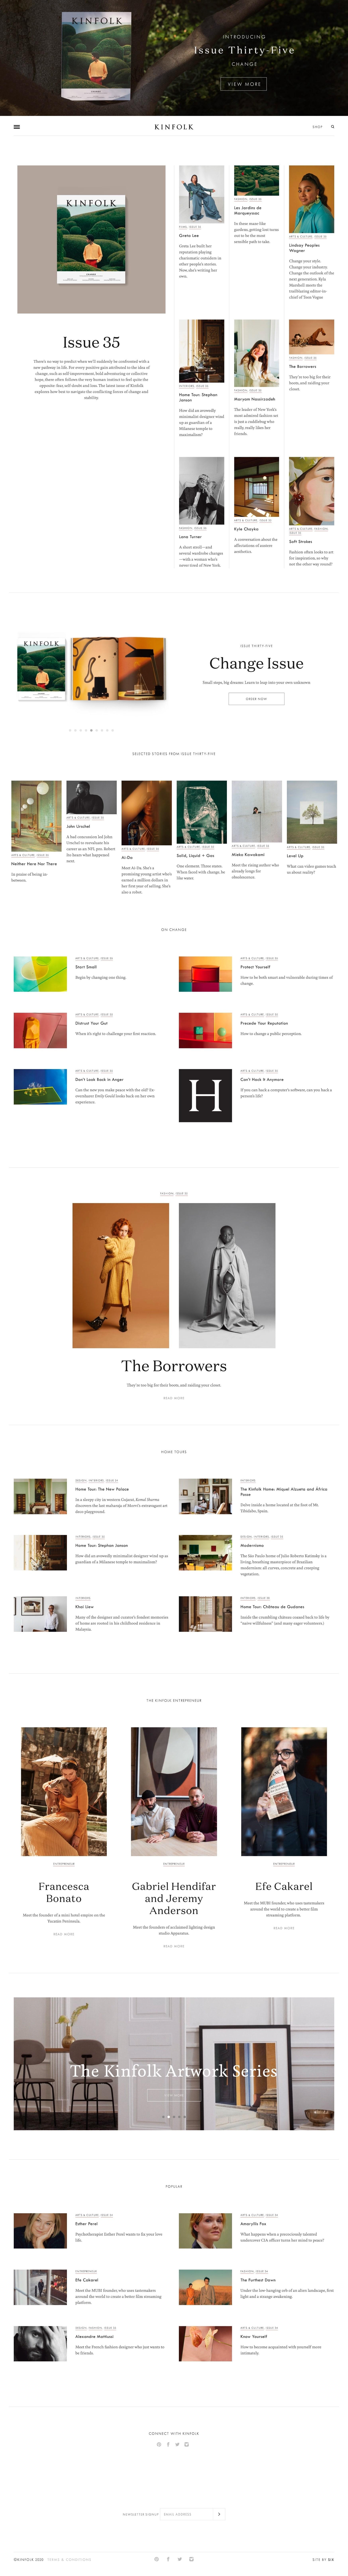 kinfolk website design main page